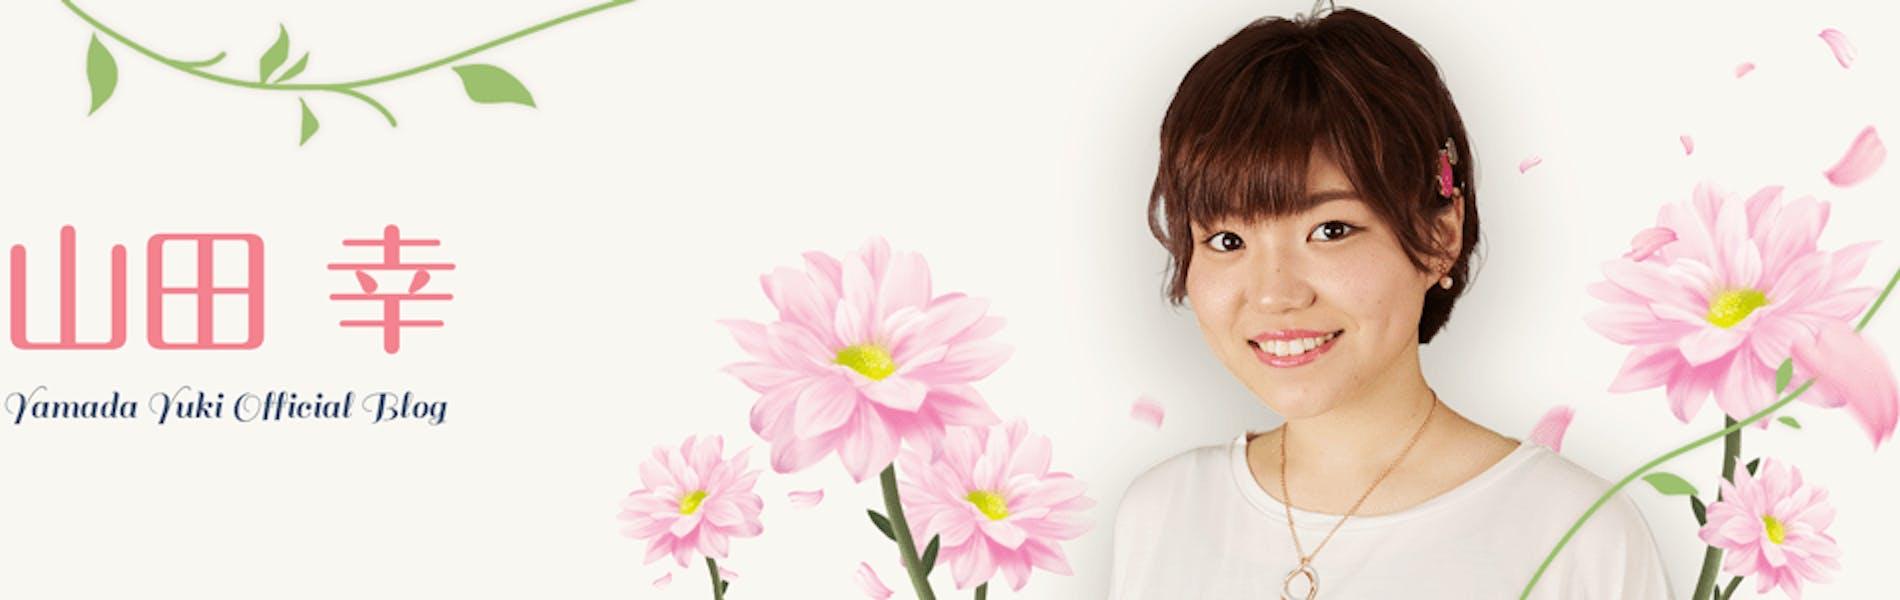 山田幸 オフィシャルブログ